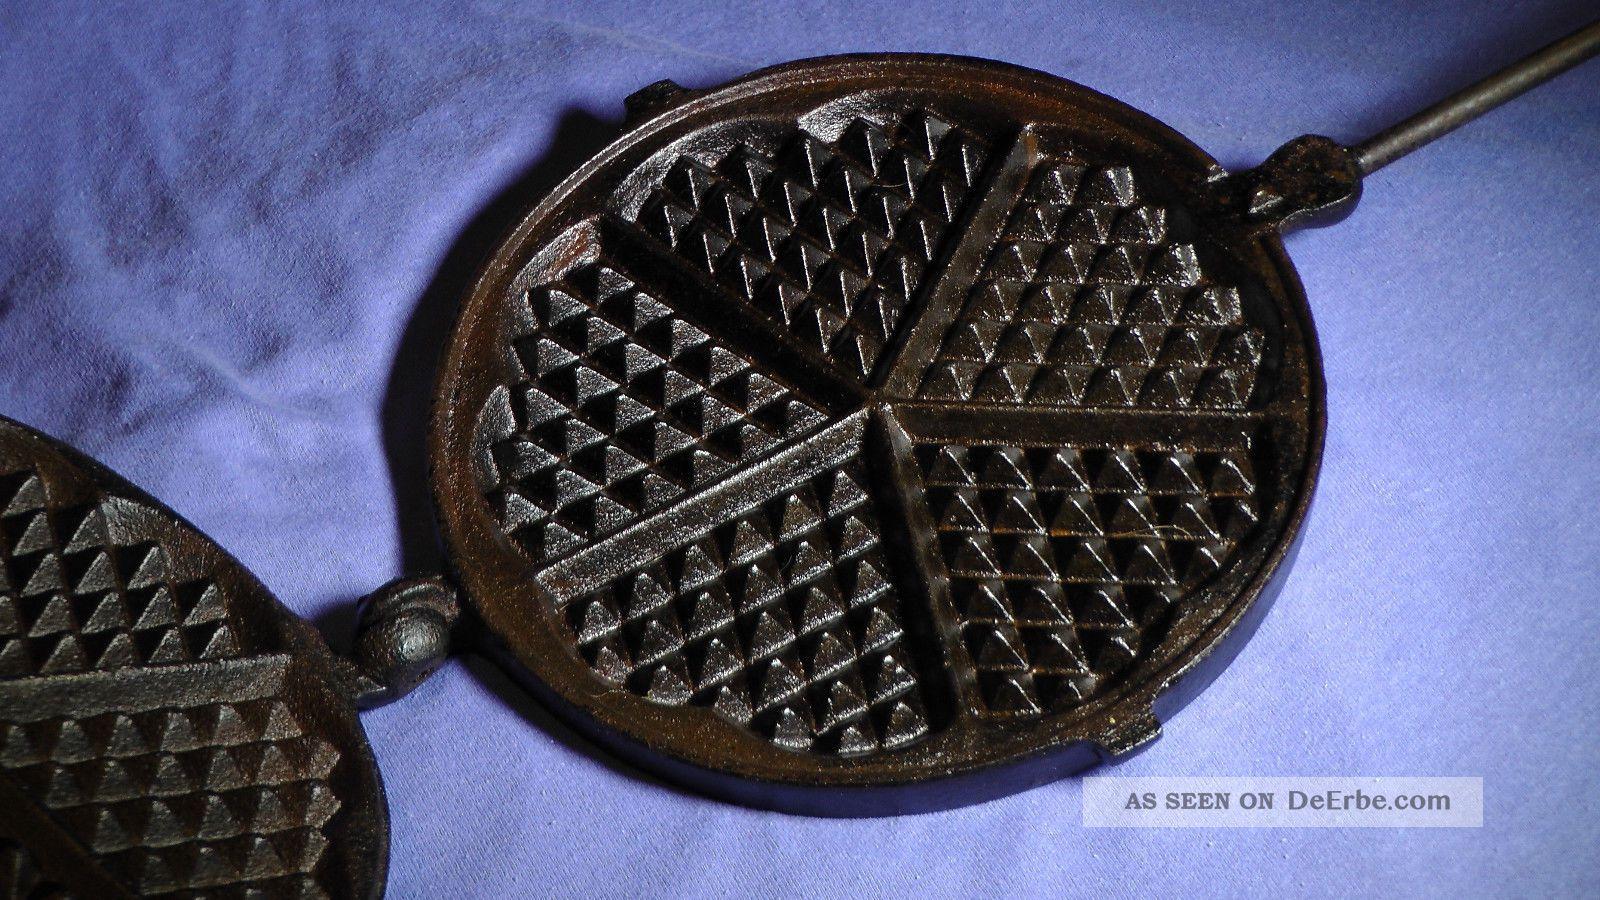 altes antikes waffeleisen mit stiel massives gusseisen f r herd oder feuer. Black Bedroom Furniture Sets. Home Design Ideas